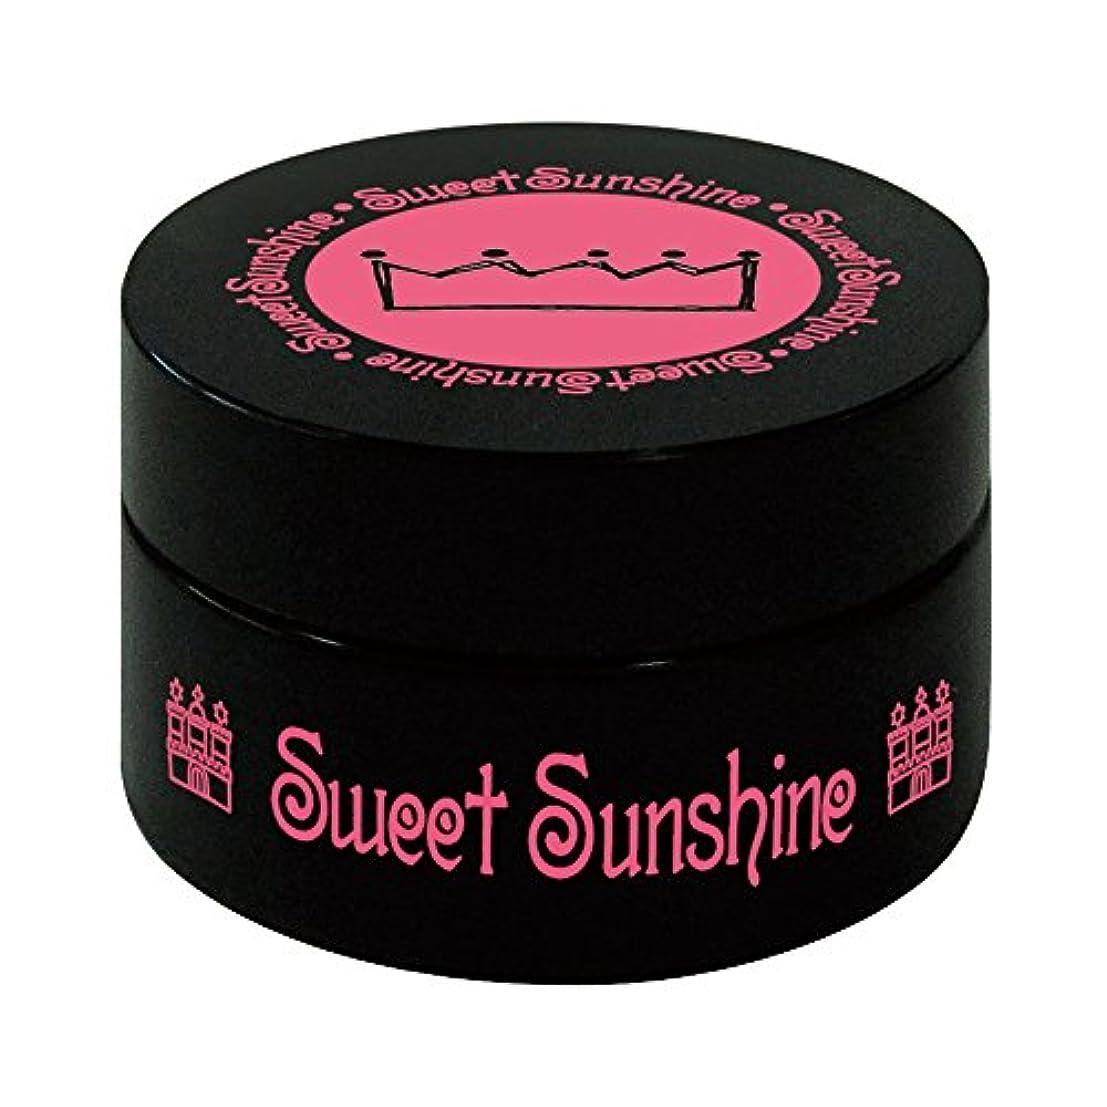 クレーターブラジャーパケット最速硬化LED対応 Sweet Sunshine スィート サンシャイン カラージェル SC-89 4g アジサイ